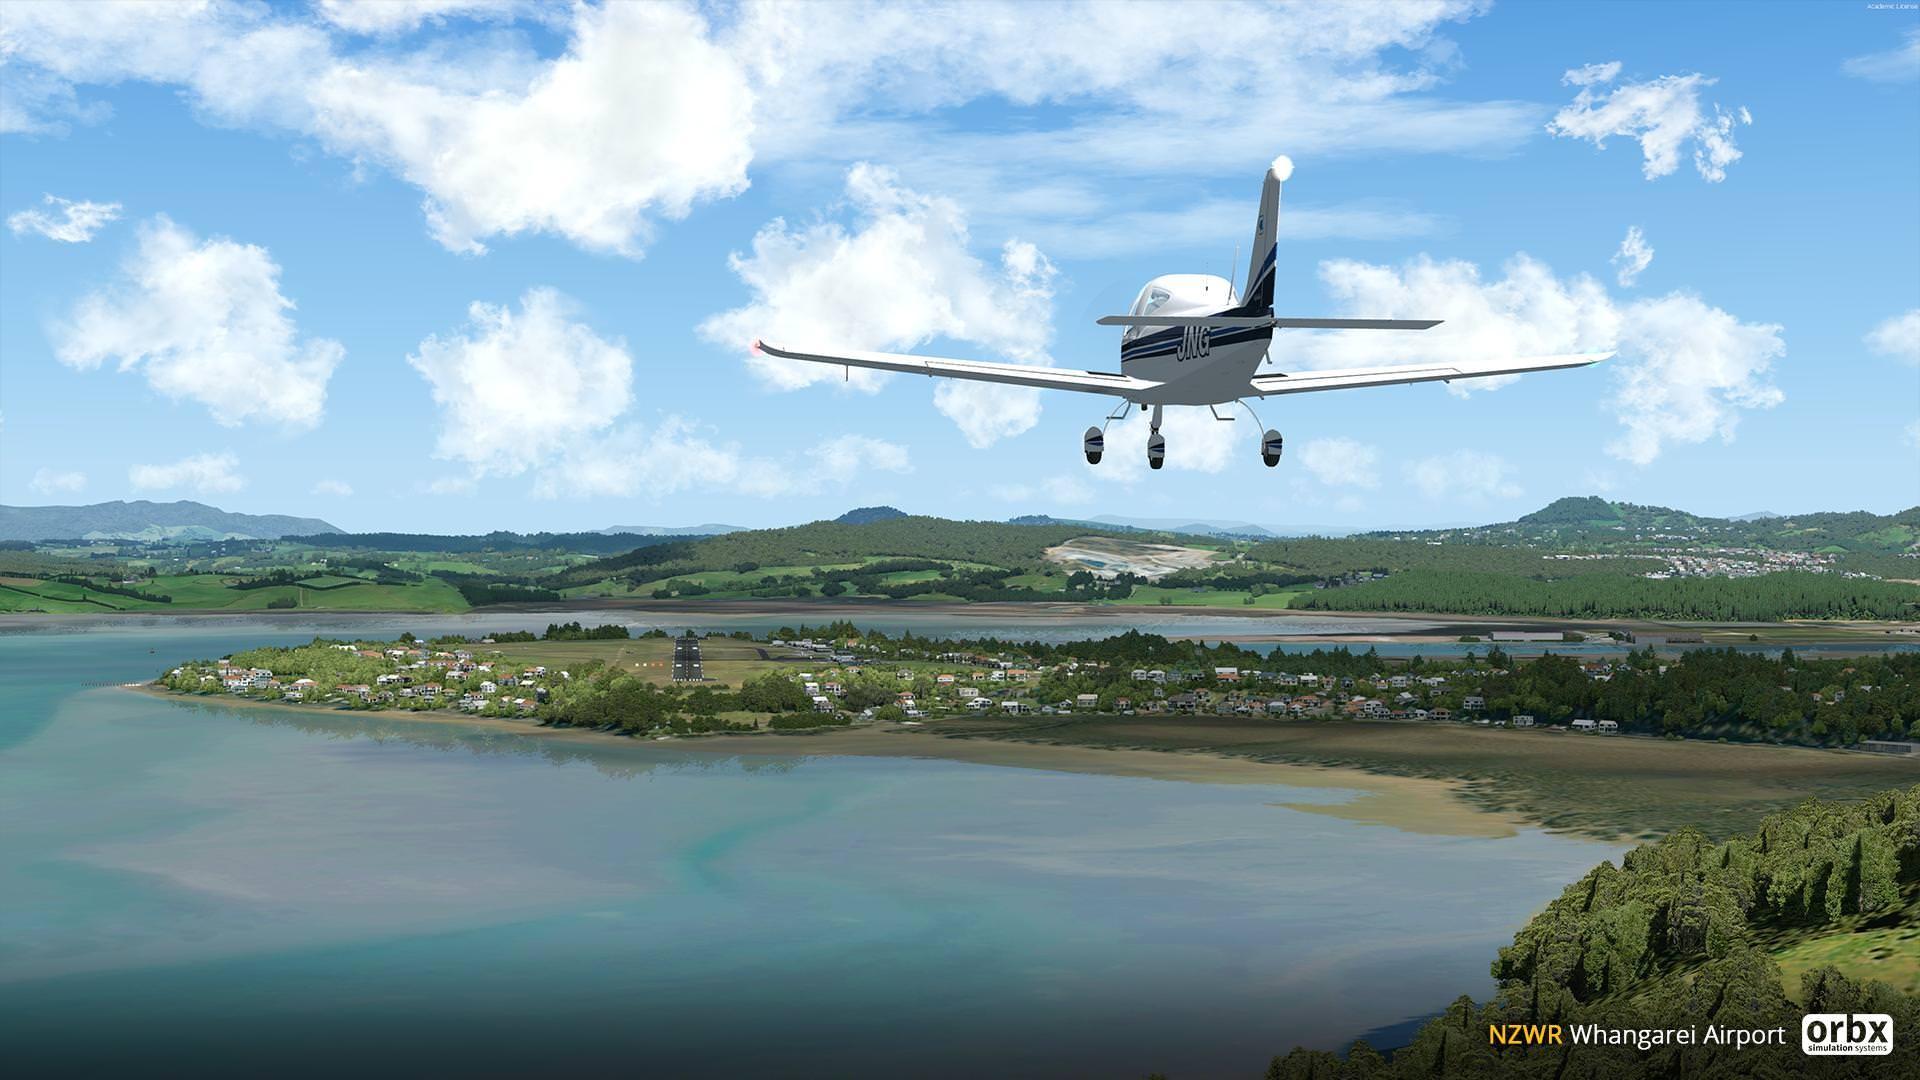 NZWR Whangarei Airport